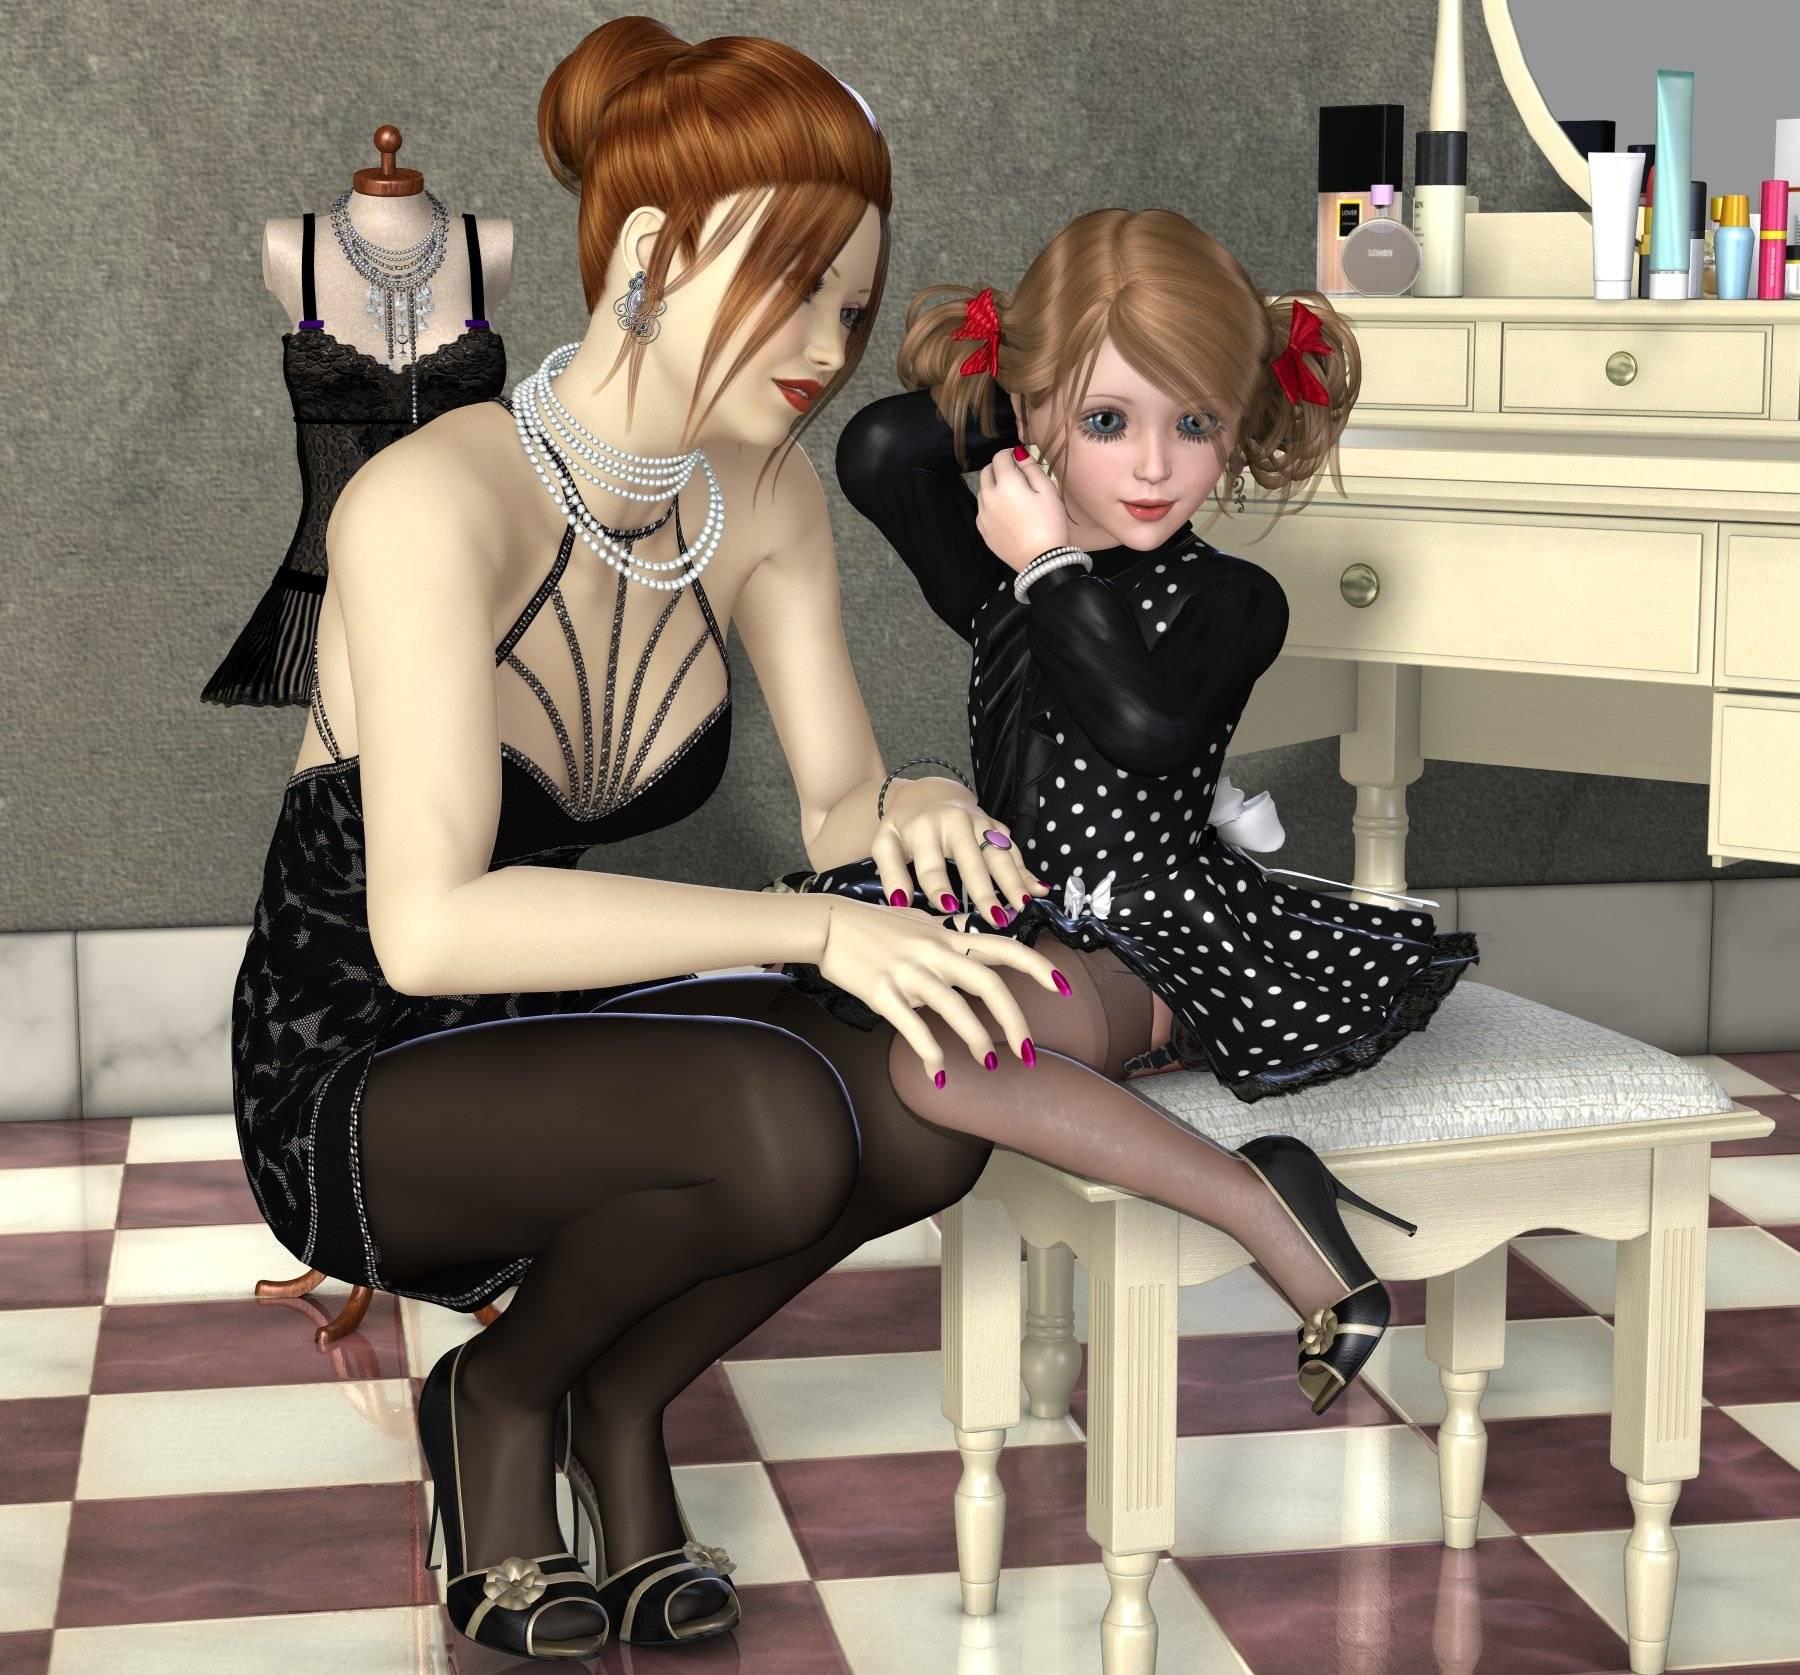 Hentai lesbians dress up games